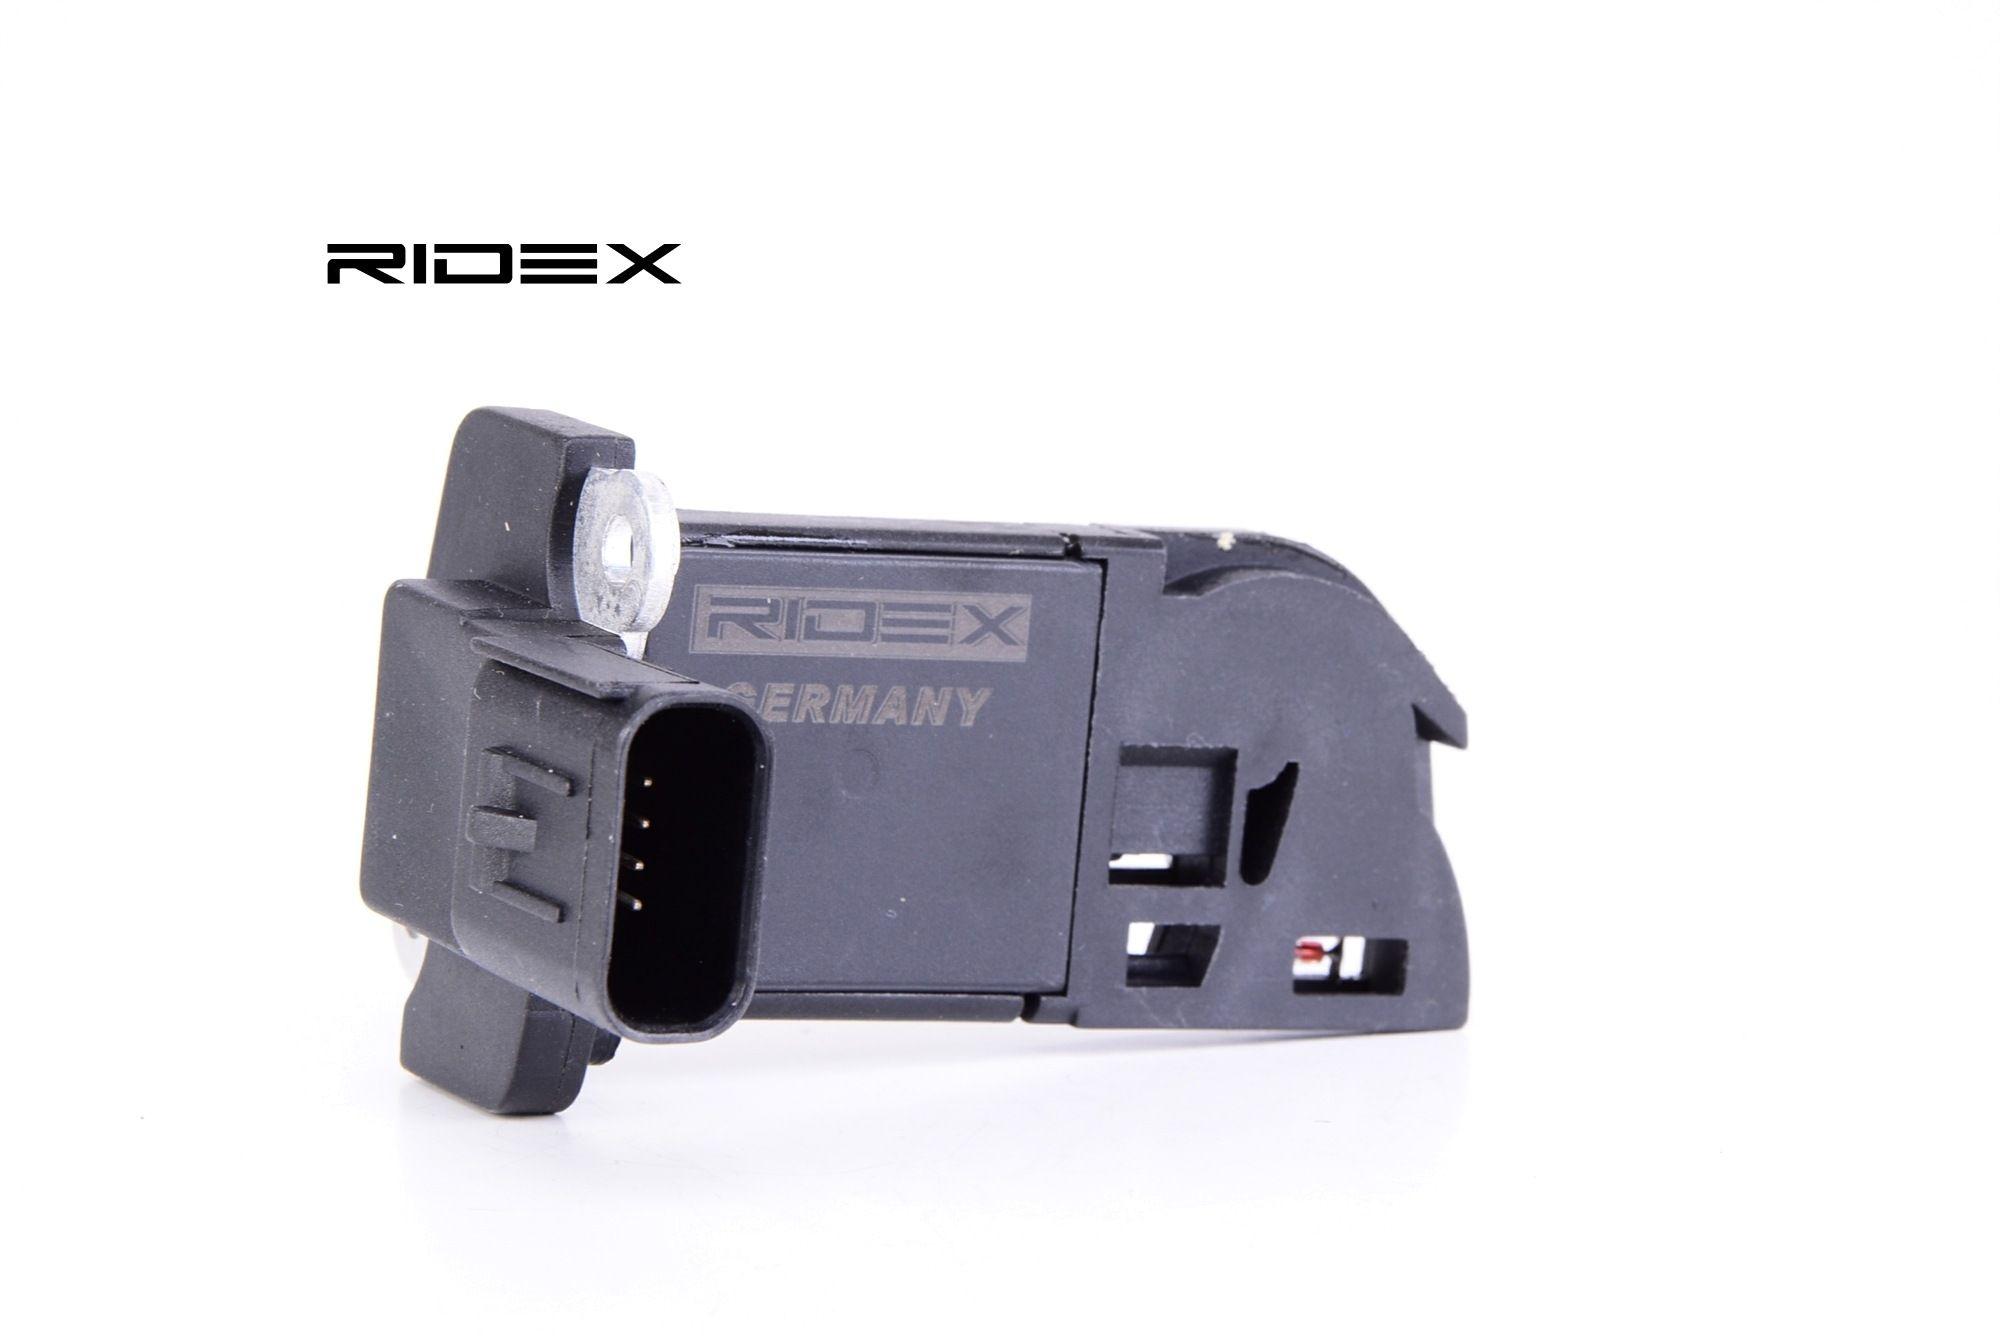 RIDEX: Original Luftmassenmesser 3926A0068 (Spannung: 12V, Anschlussanzahl: 4)